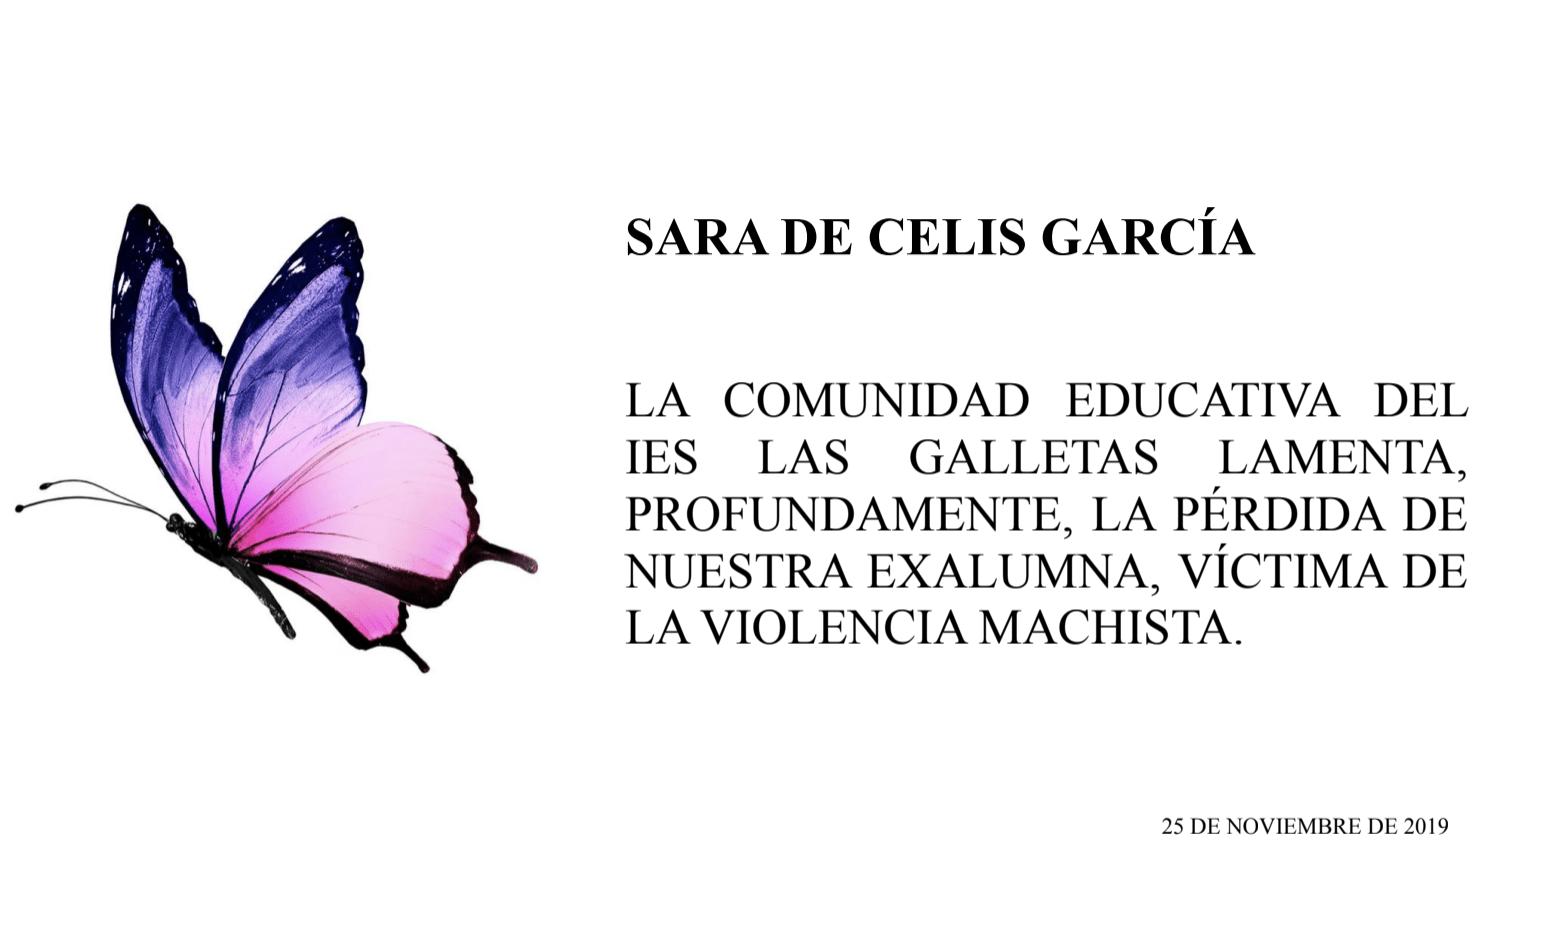 Sara De Celis García para siempre en nuestros corazones